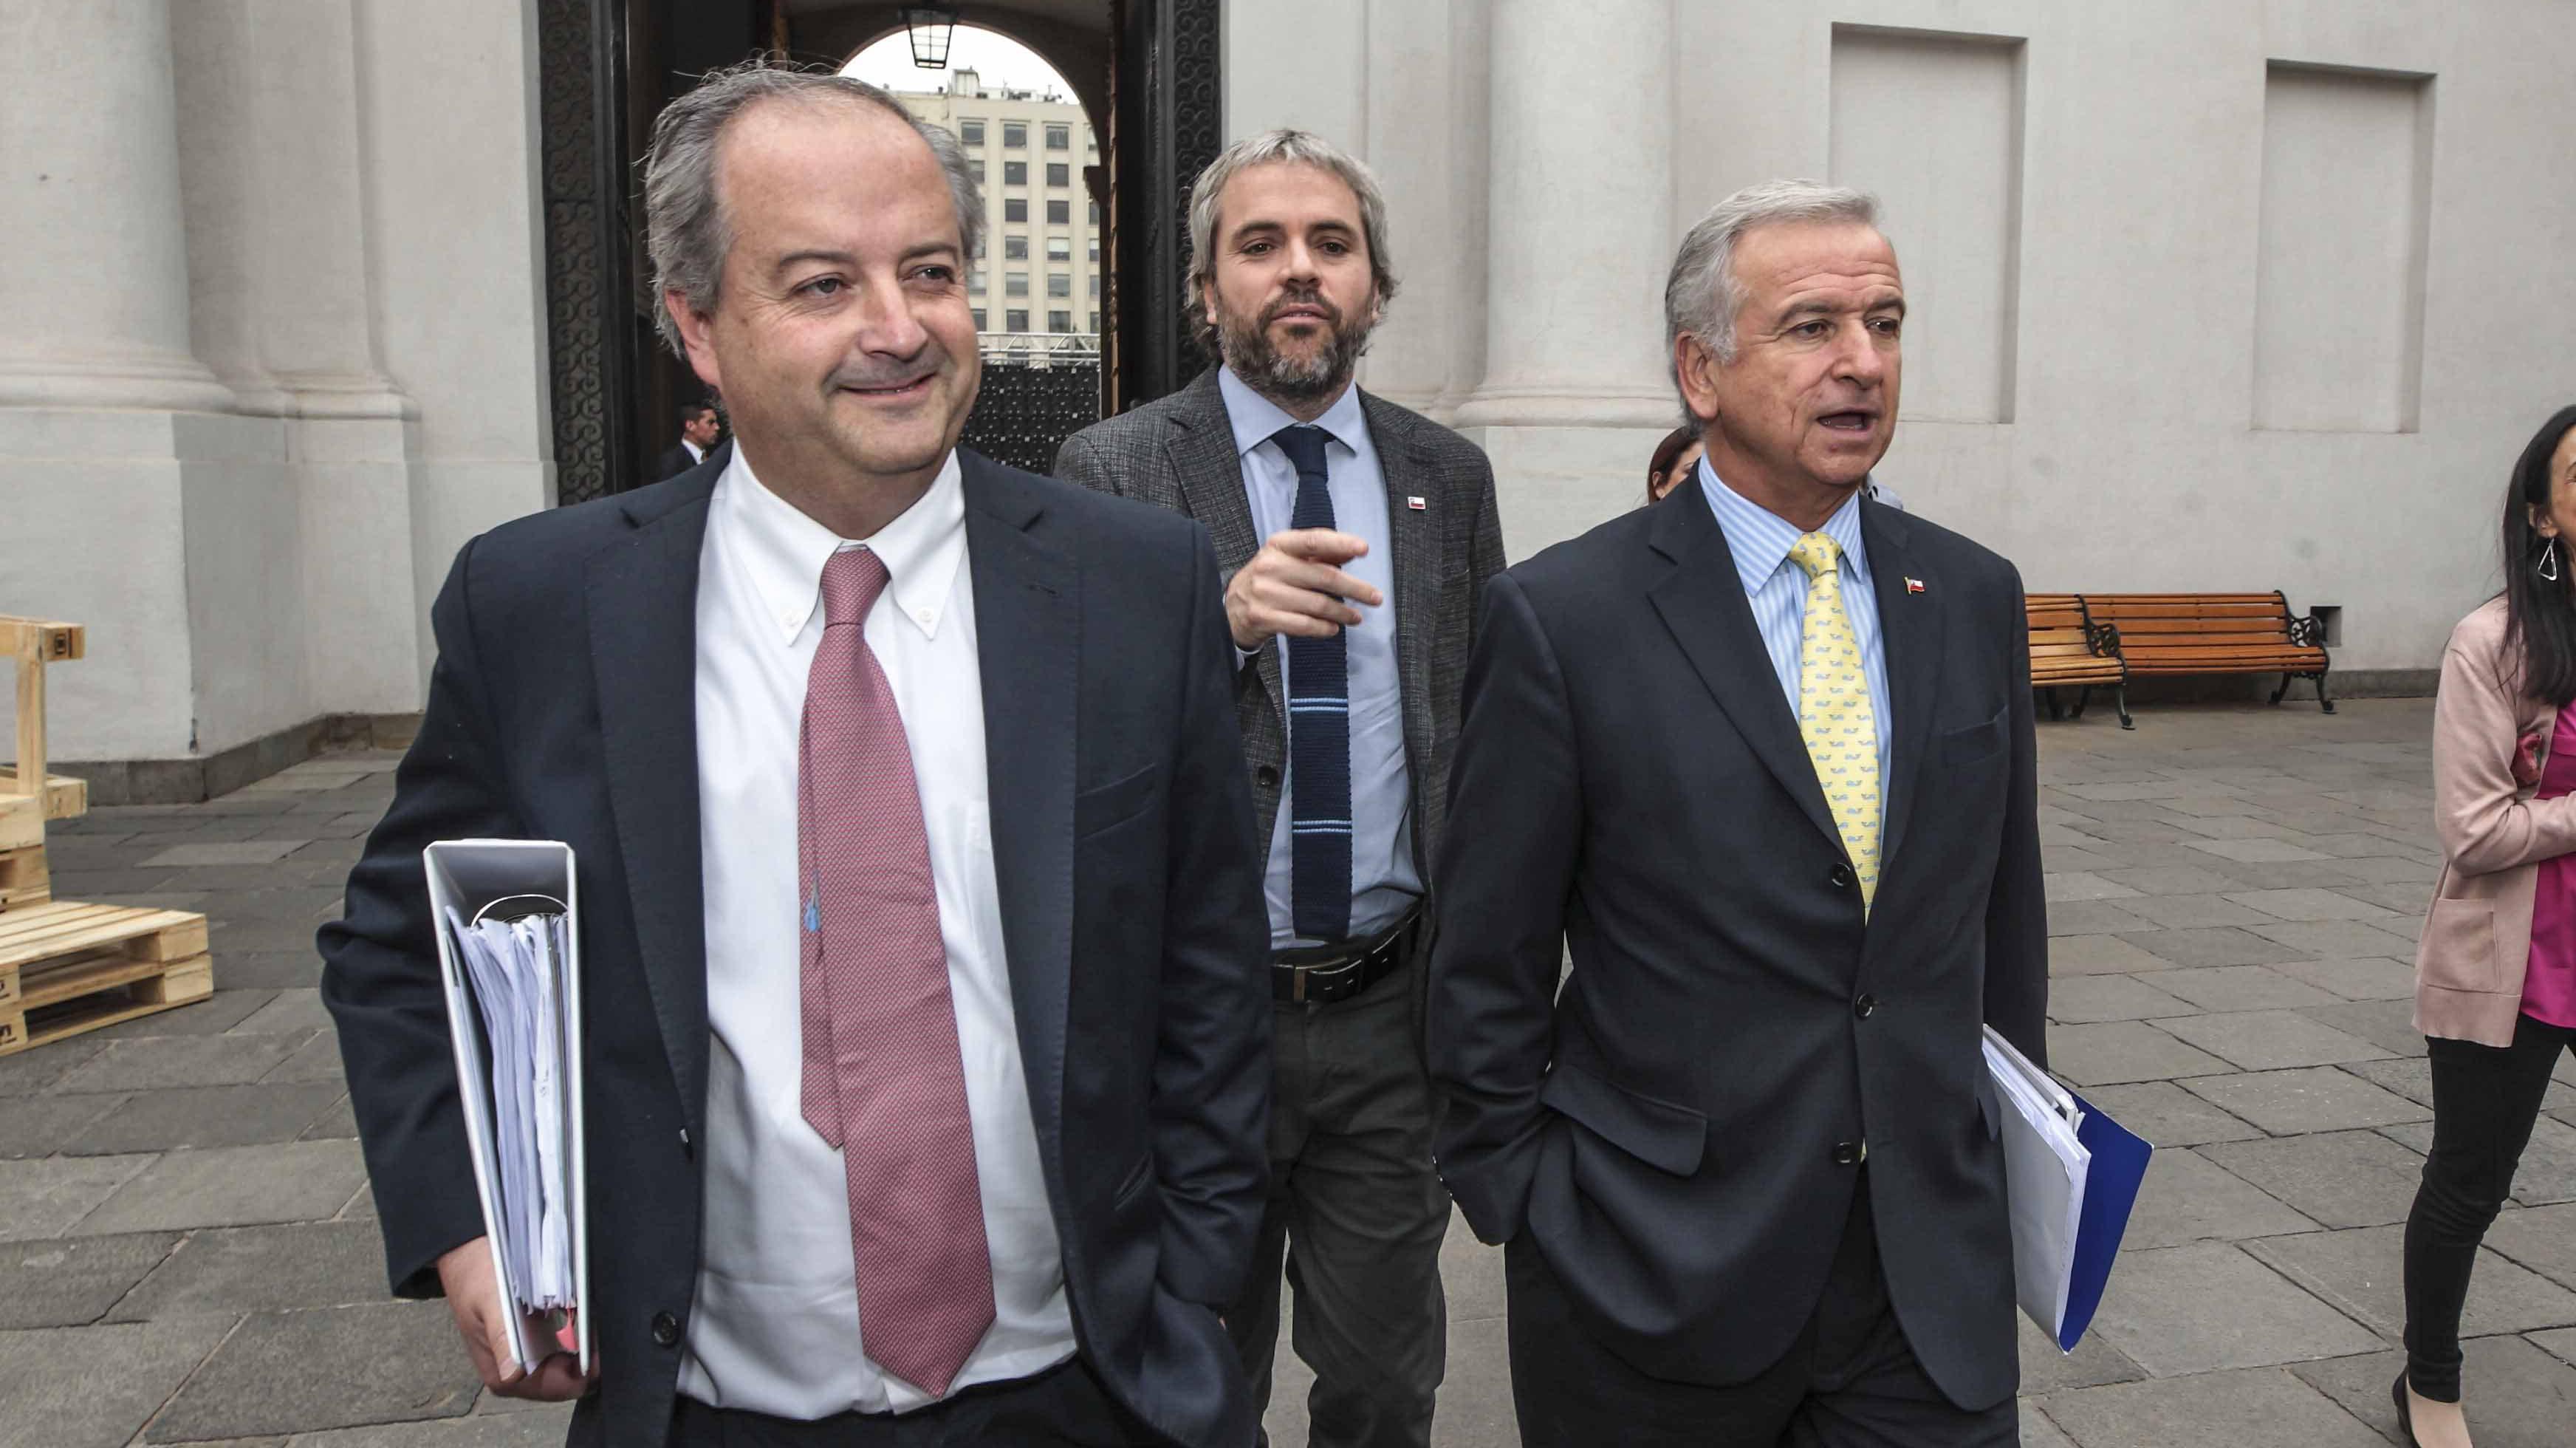 Gobierno dice que están abiertos recoger propuestas de la oposición por reforma de pensiones